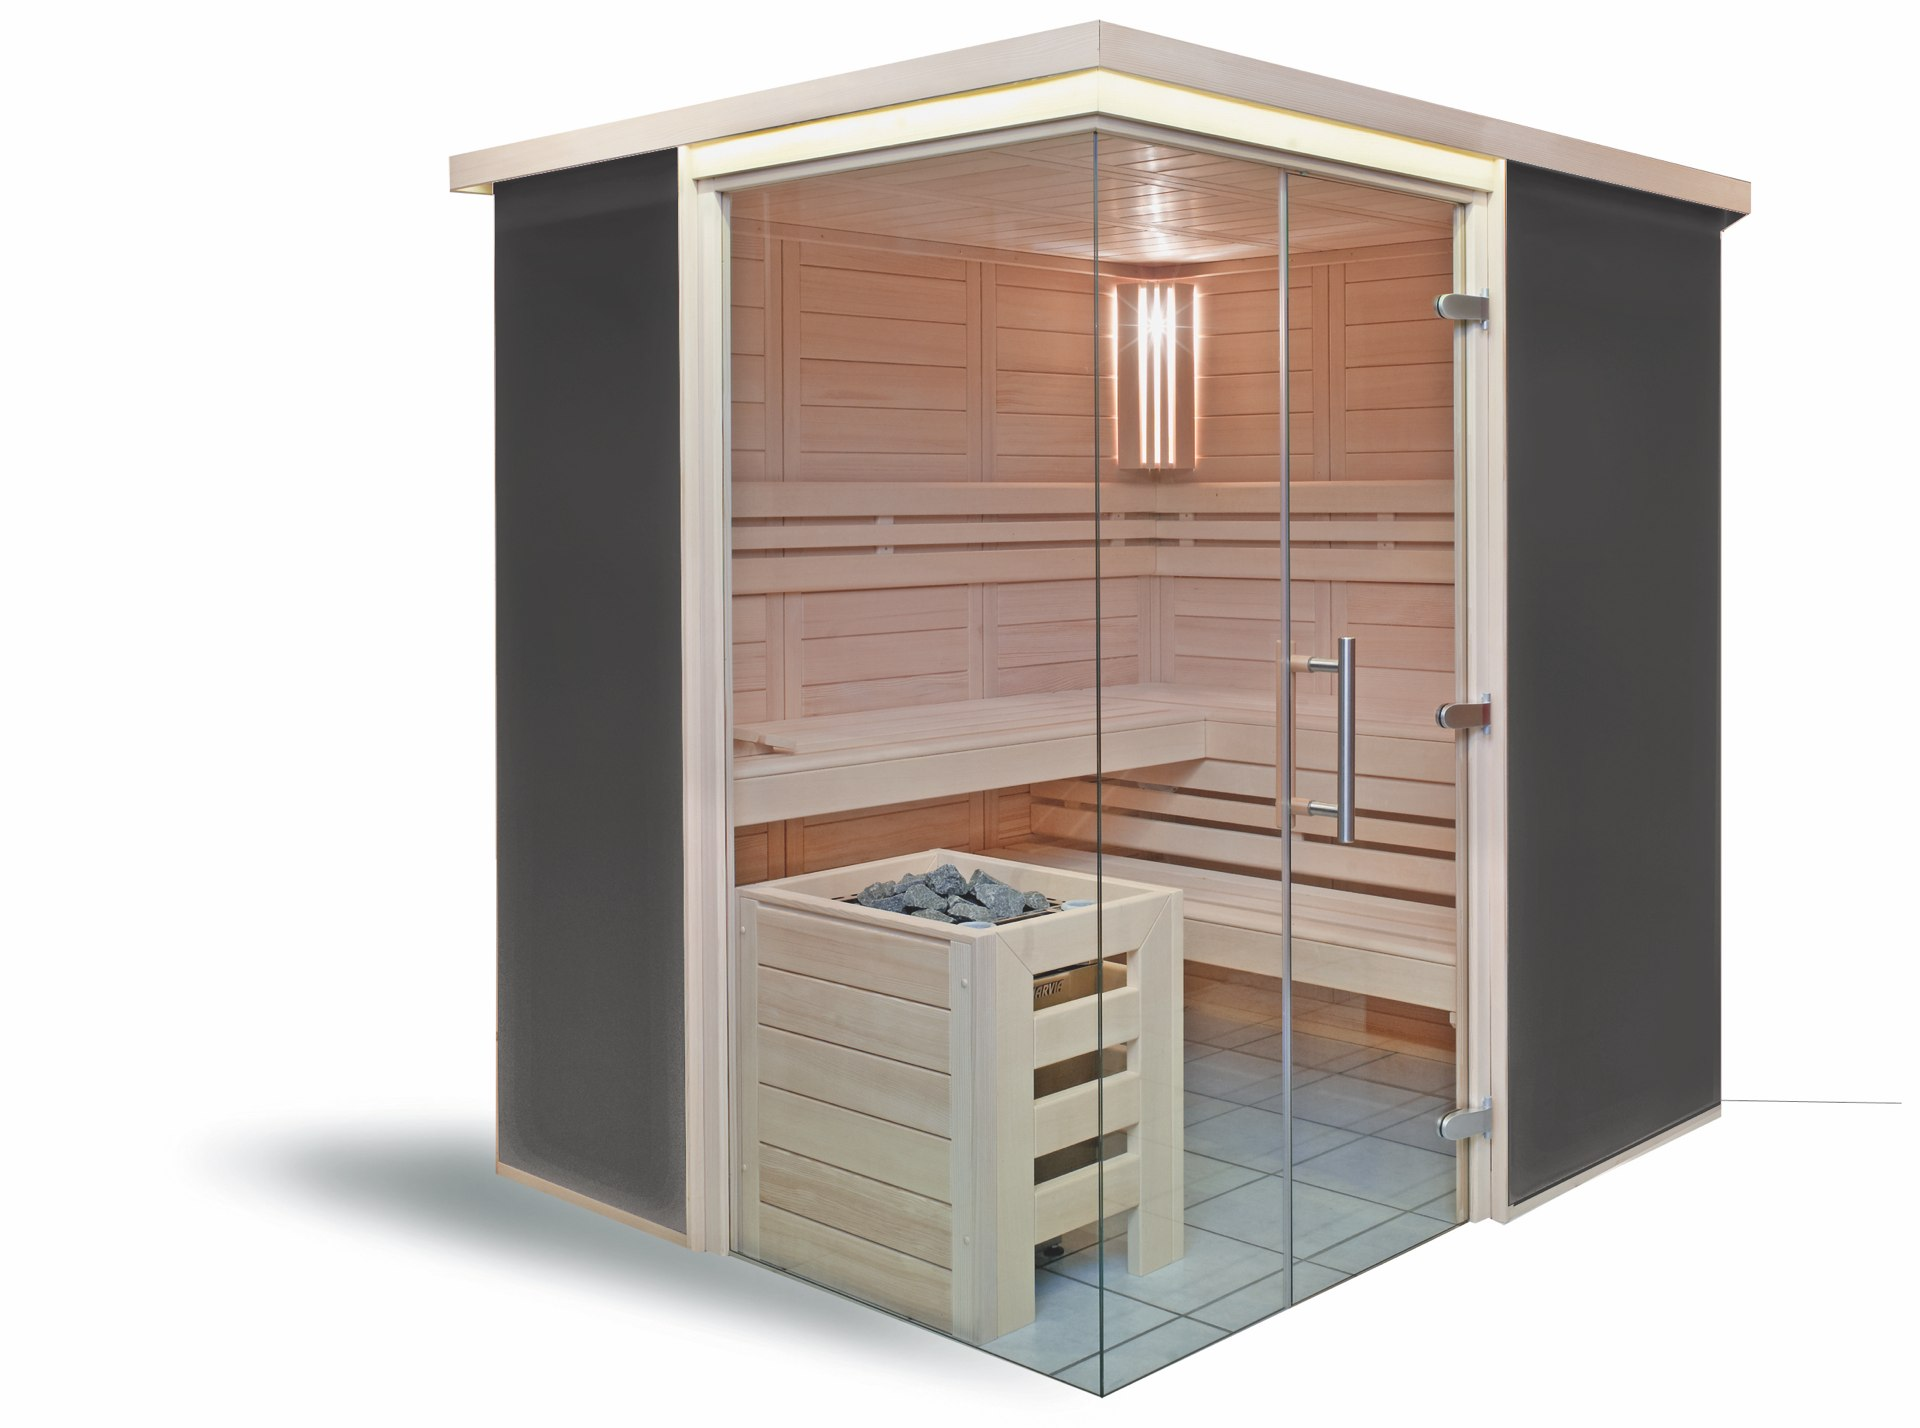 designsauna jetzt ins gl ck mit ihrer eigenen designsauna. Black Bedroom Furniture Sets. Home Design Ideas